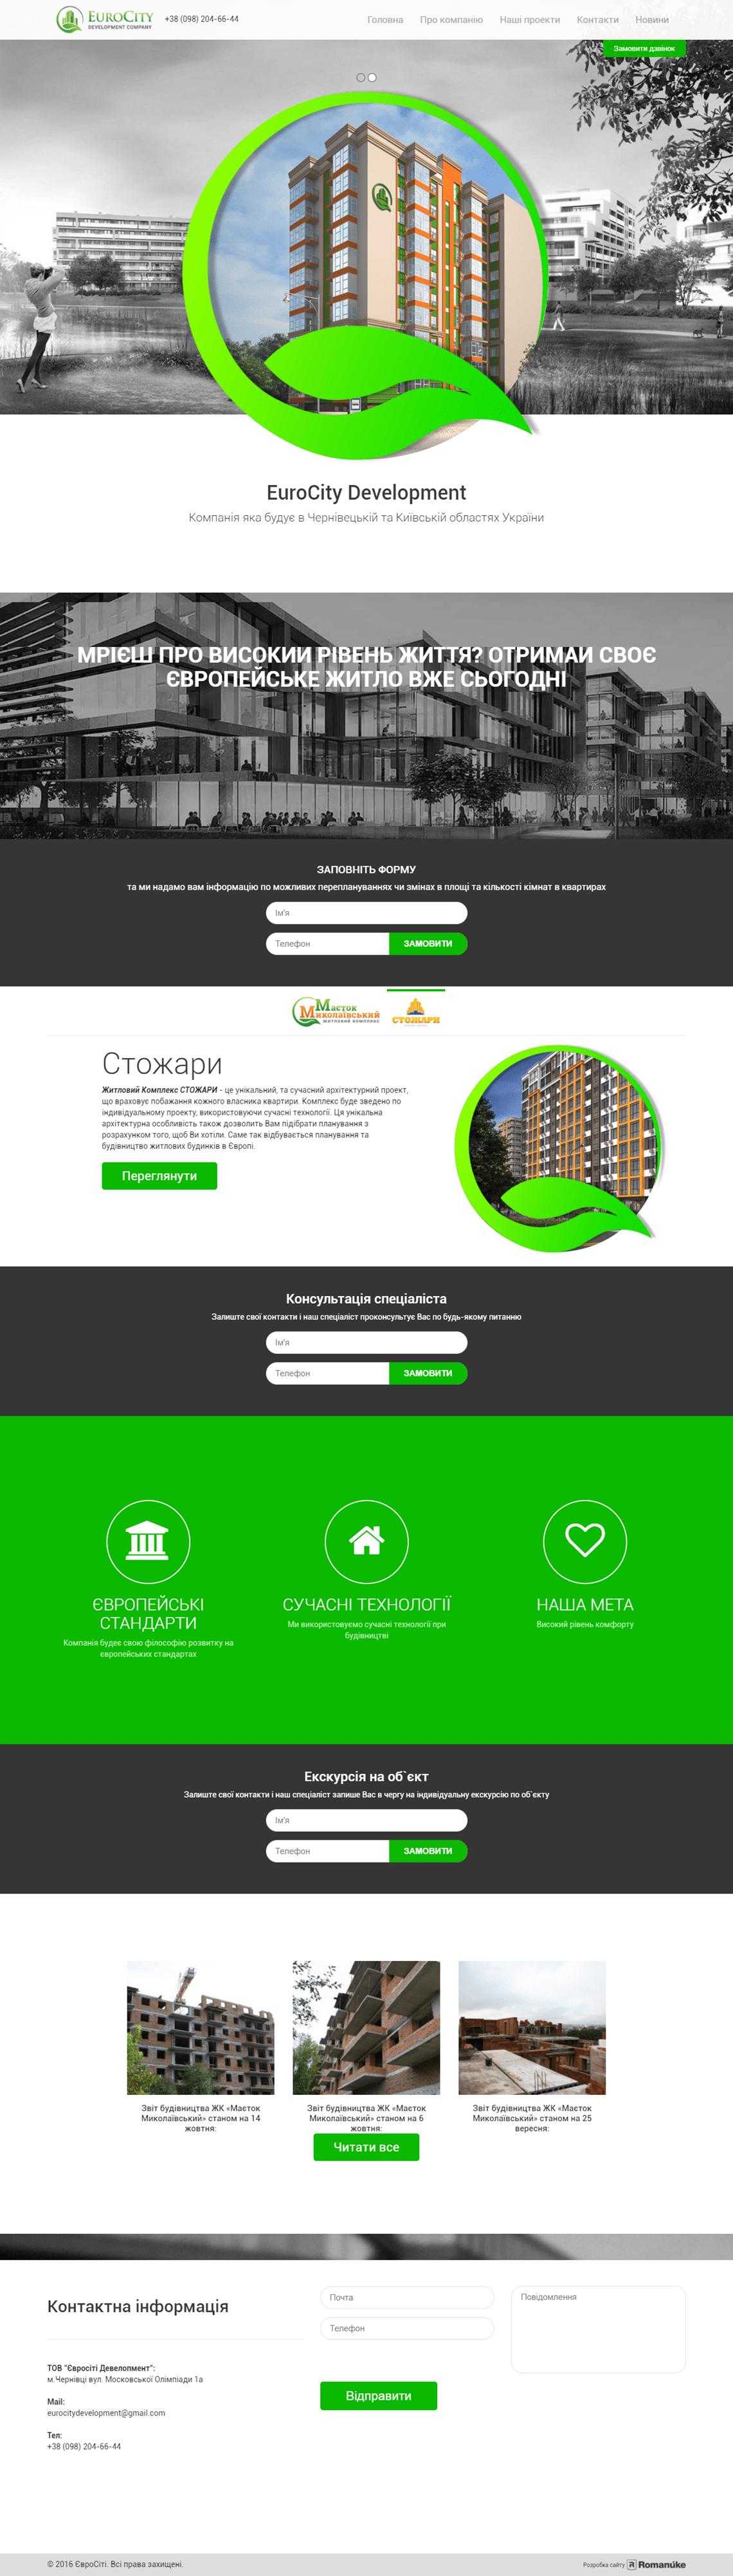 sajt_stroitelnoj_kompanii_eurocitydevelopment-min